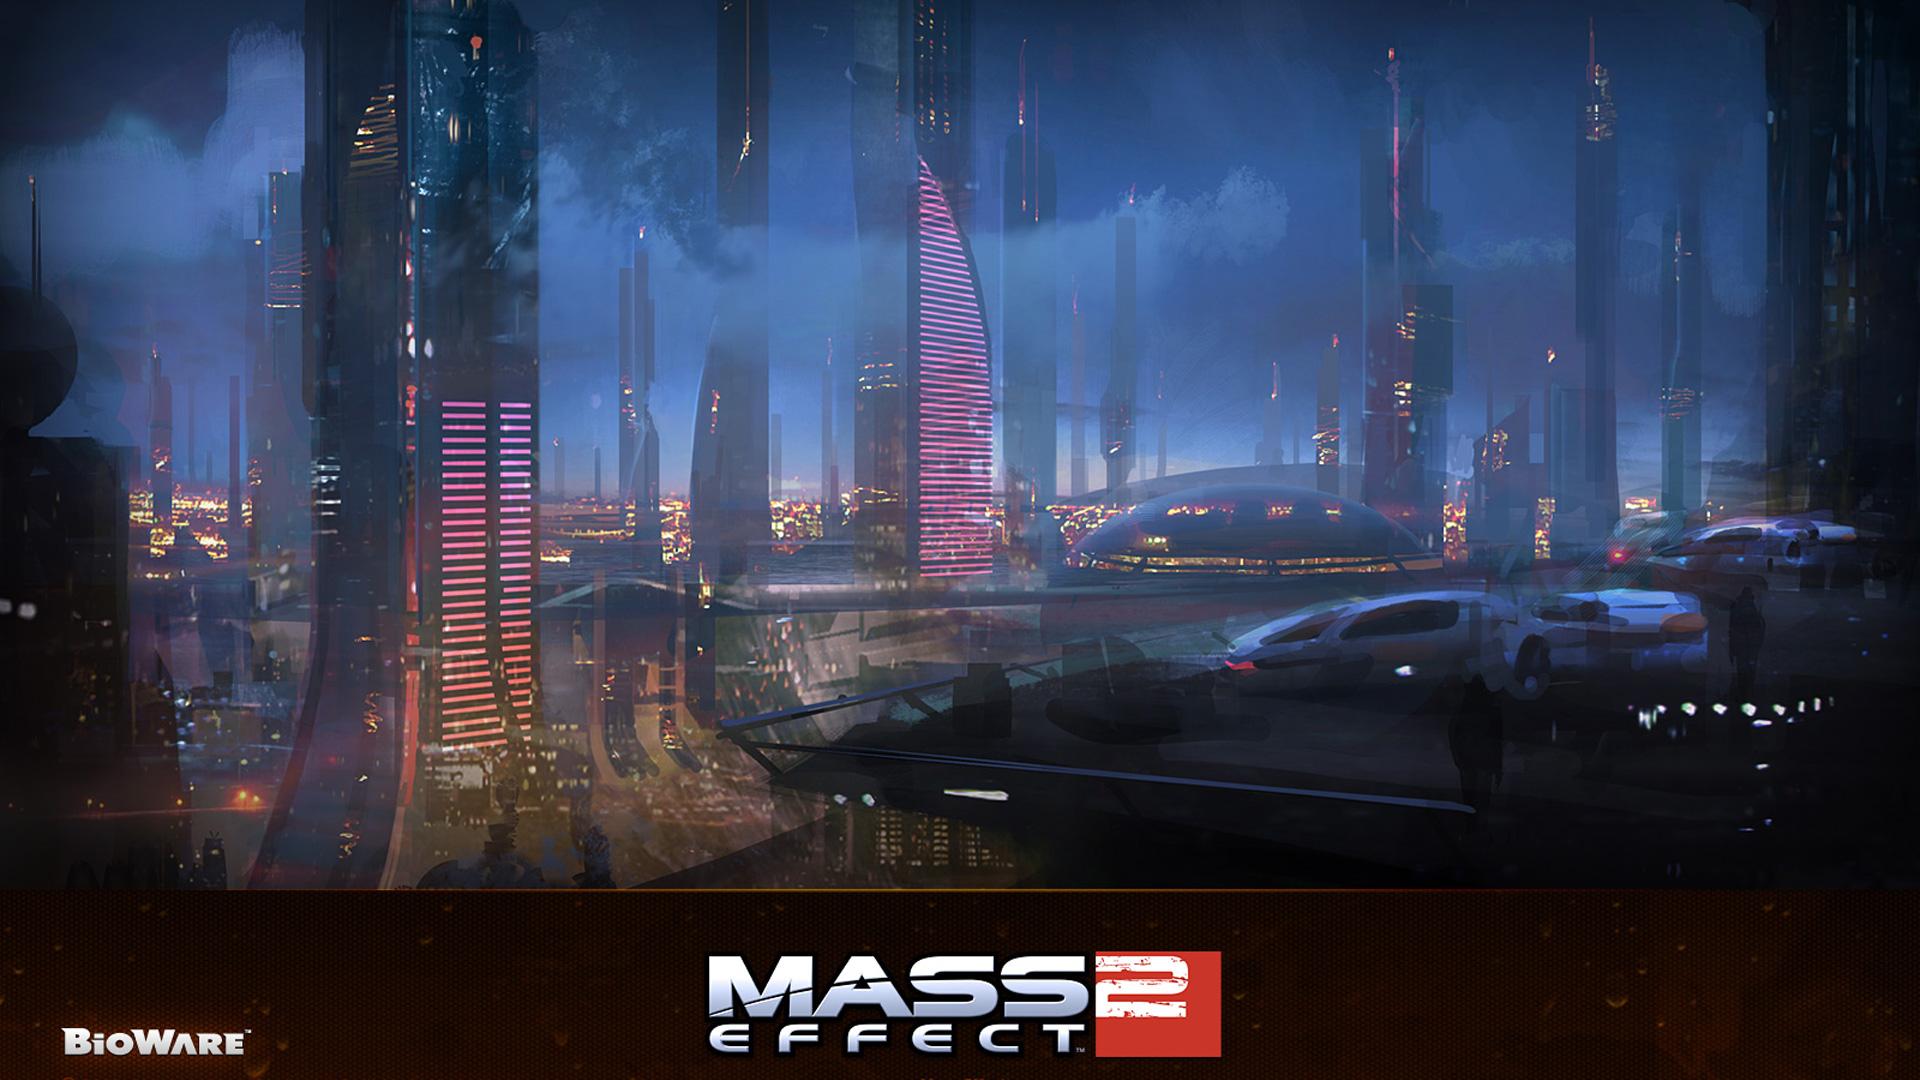 Mass Effect 2 wallpaper 2